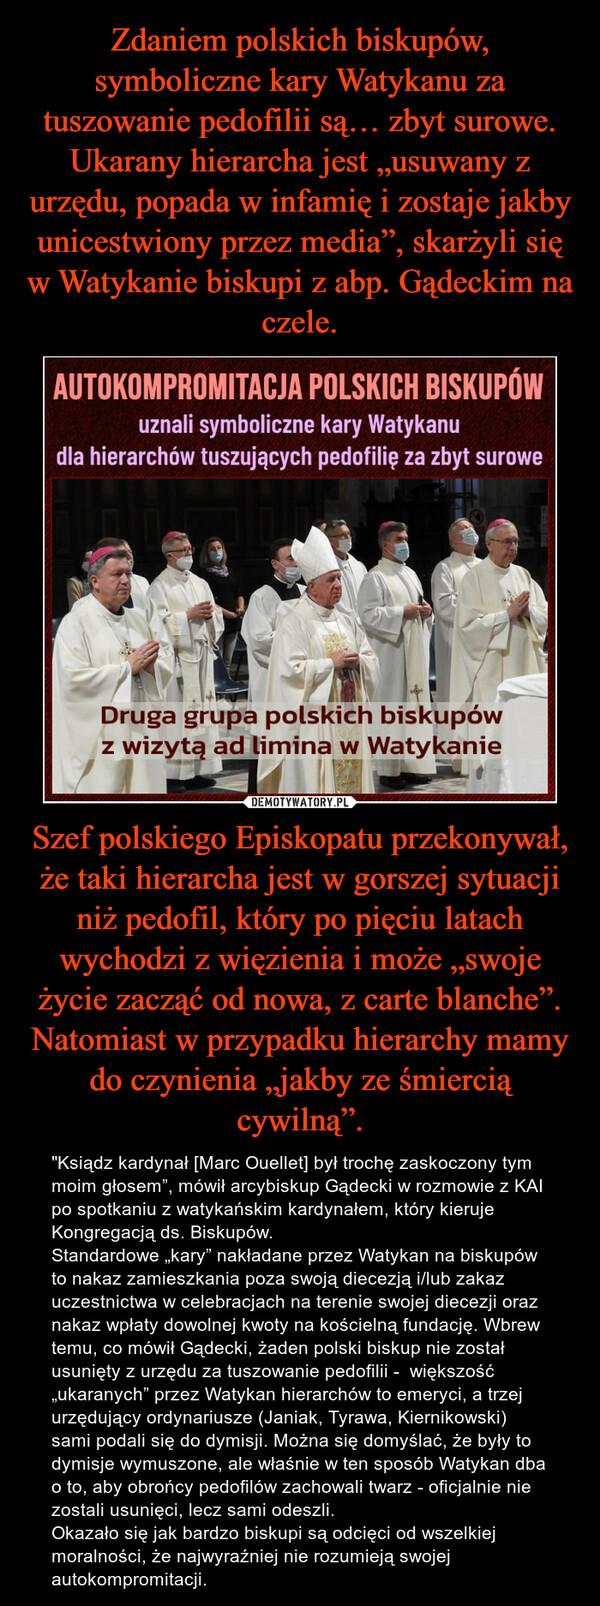 """Szef polskiego Episkopatu przekonywał, że taki hierarcha jest w gorszej sytuacji niż pedofil, który po pięciu latach wychodzi z więzienia i może """"swoje życie zacząć od nowa, z carte blanche"""". Natomiast w przypadku hierarchy mamy do czynienia """"jakby ze śmiercią cywilną"""". – """"Ksiądz kardynał [Marc Ouellet] był trochę zaskoczony tym moim głosem"""", mówił arcybiskup Gądecki w rozmowie z KAI po spotkaniu z watykańskim kardynałem, który kieruje Kongregacją ds. Biskupów.Standardowe """"kary"""" nakładane przez Watykan na biskupów to nakaz zamieszkania poza swoją diecezją i/lub zakaz uczestnictwa w celebracjach na terenie swojej diecezji oraz nakaz wpłaty dowolnej kwoty na kościelną fundację. Wbrew temu, co mówił Gądecki, żaden polski biskup nie został usunięty z urzędu za tuszowanie pedofilii -  większość """"ukaranych"""" przez Watykan hierarchów to emeryci, a trzej urzędujący ordynariusze (Janiak, Tyrawa, Kiernikowski) sami podali się do dymisji. Można się domyślać, że były to dymisje wymuszone, ale właśnie w ten sposób Watykan dba o to, aby obrońcy pedofilów zachowali twarz - oficjalnie nie zostali usunięci, lecz sami odeszli.Okazało się jak bardzo biskupi są odcięci od wszelkiej moralności, że najwyraźniej nie rozumieją swojej autokompromitacji."""